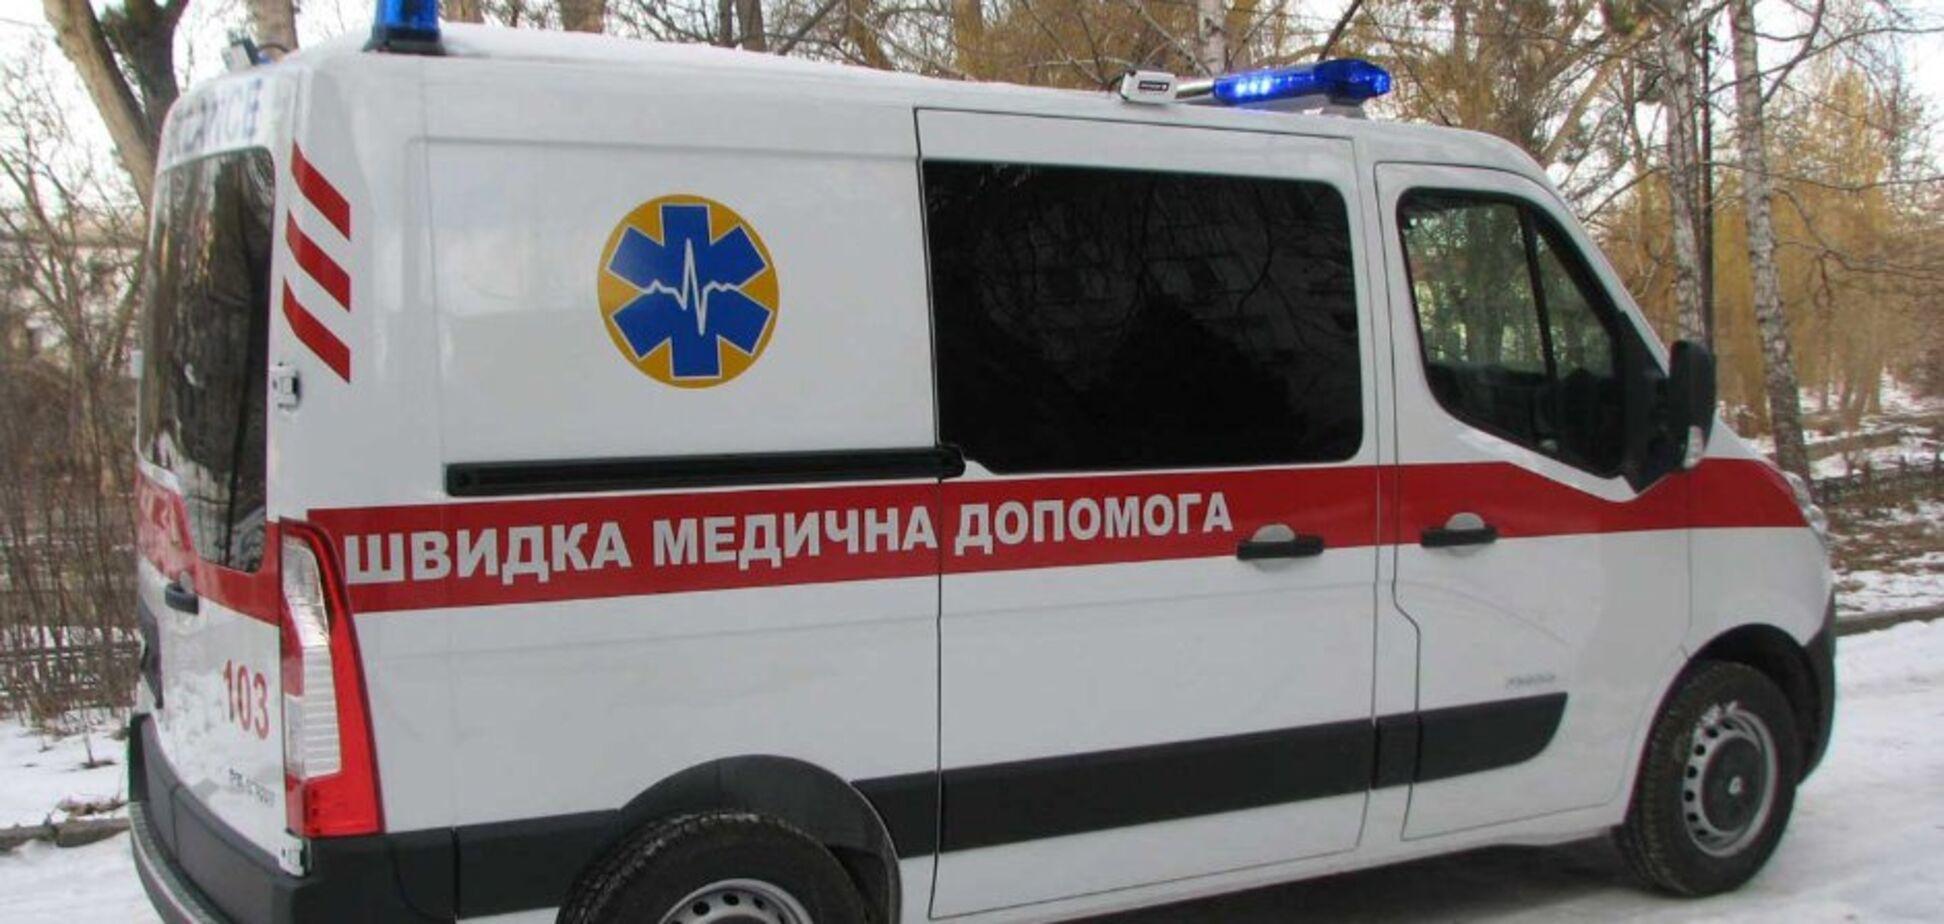 Угнать за 30 секунд: под Киевом неадекват украл 'скорую помощь'